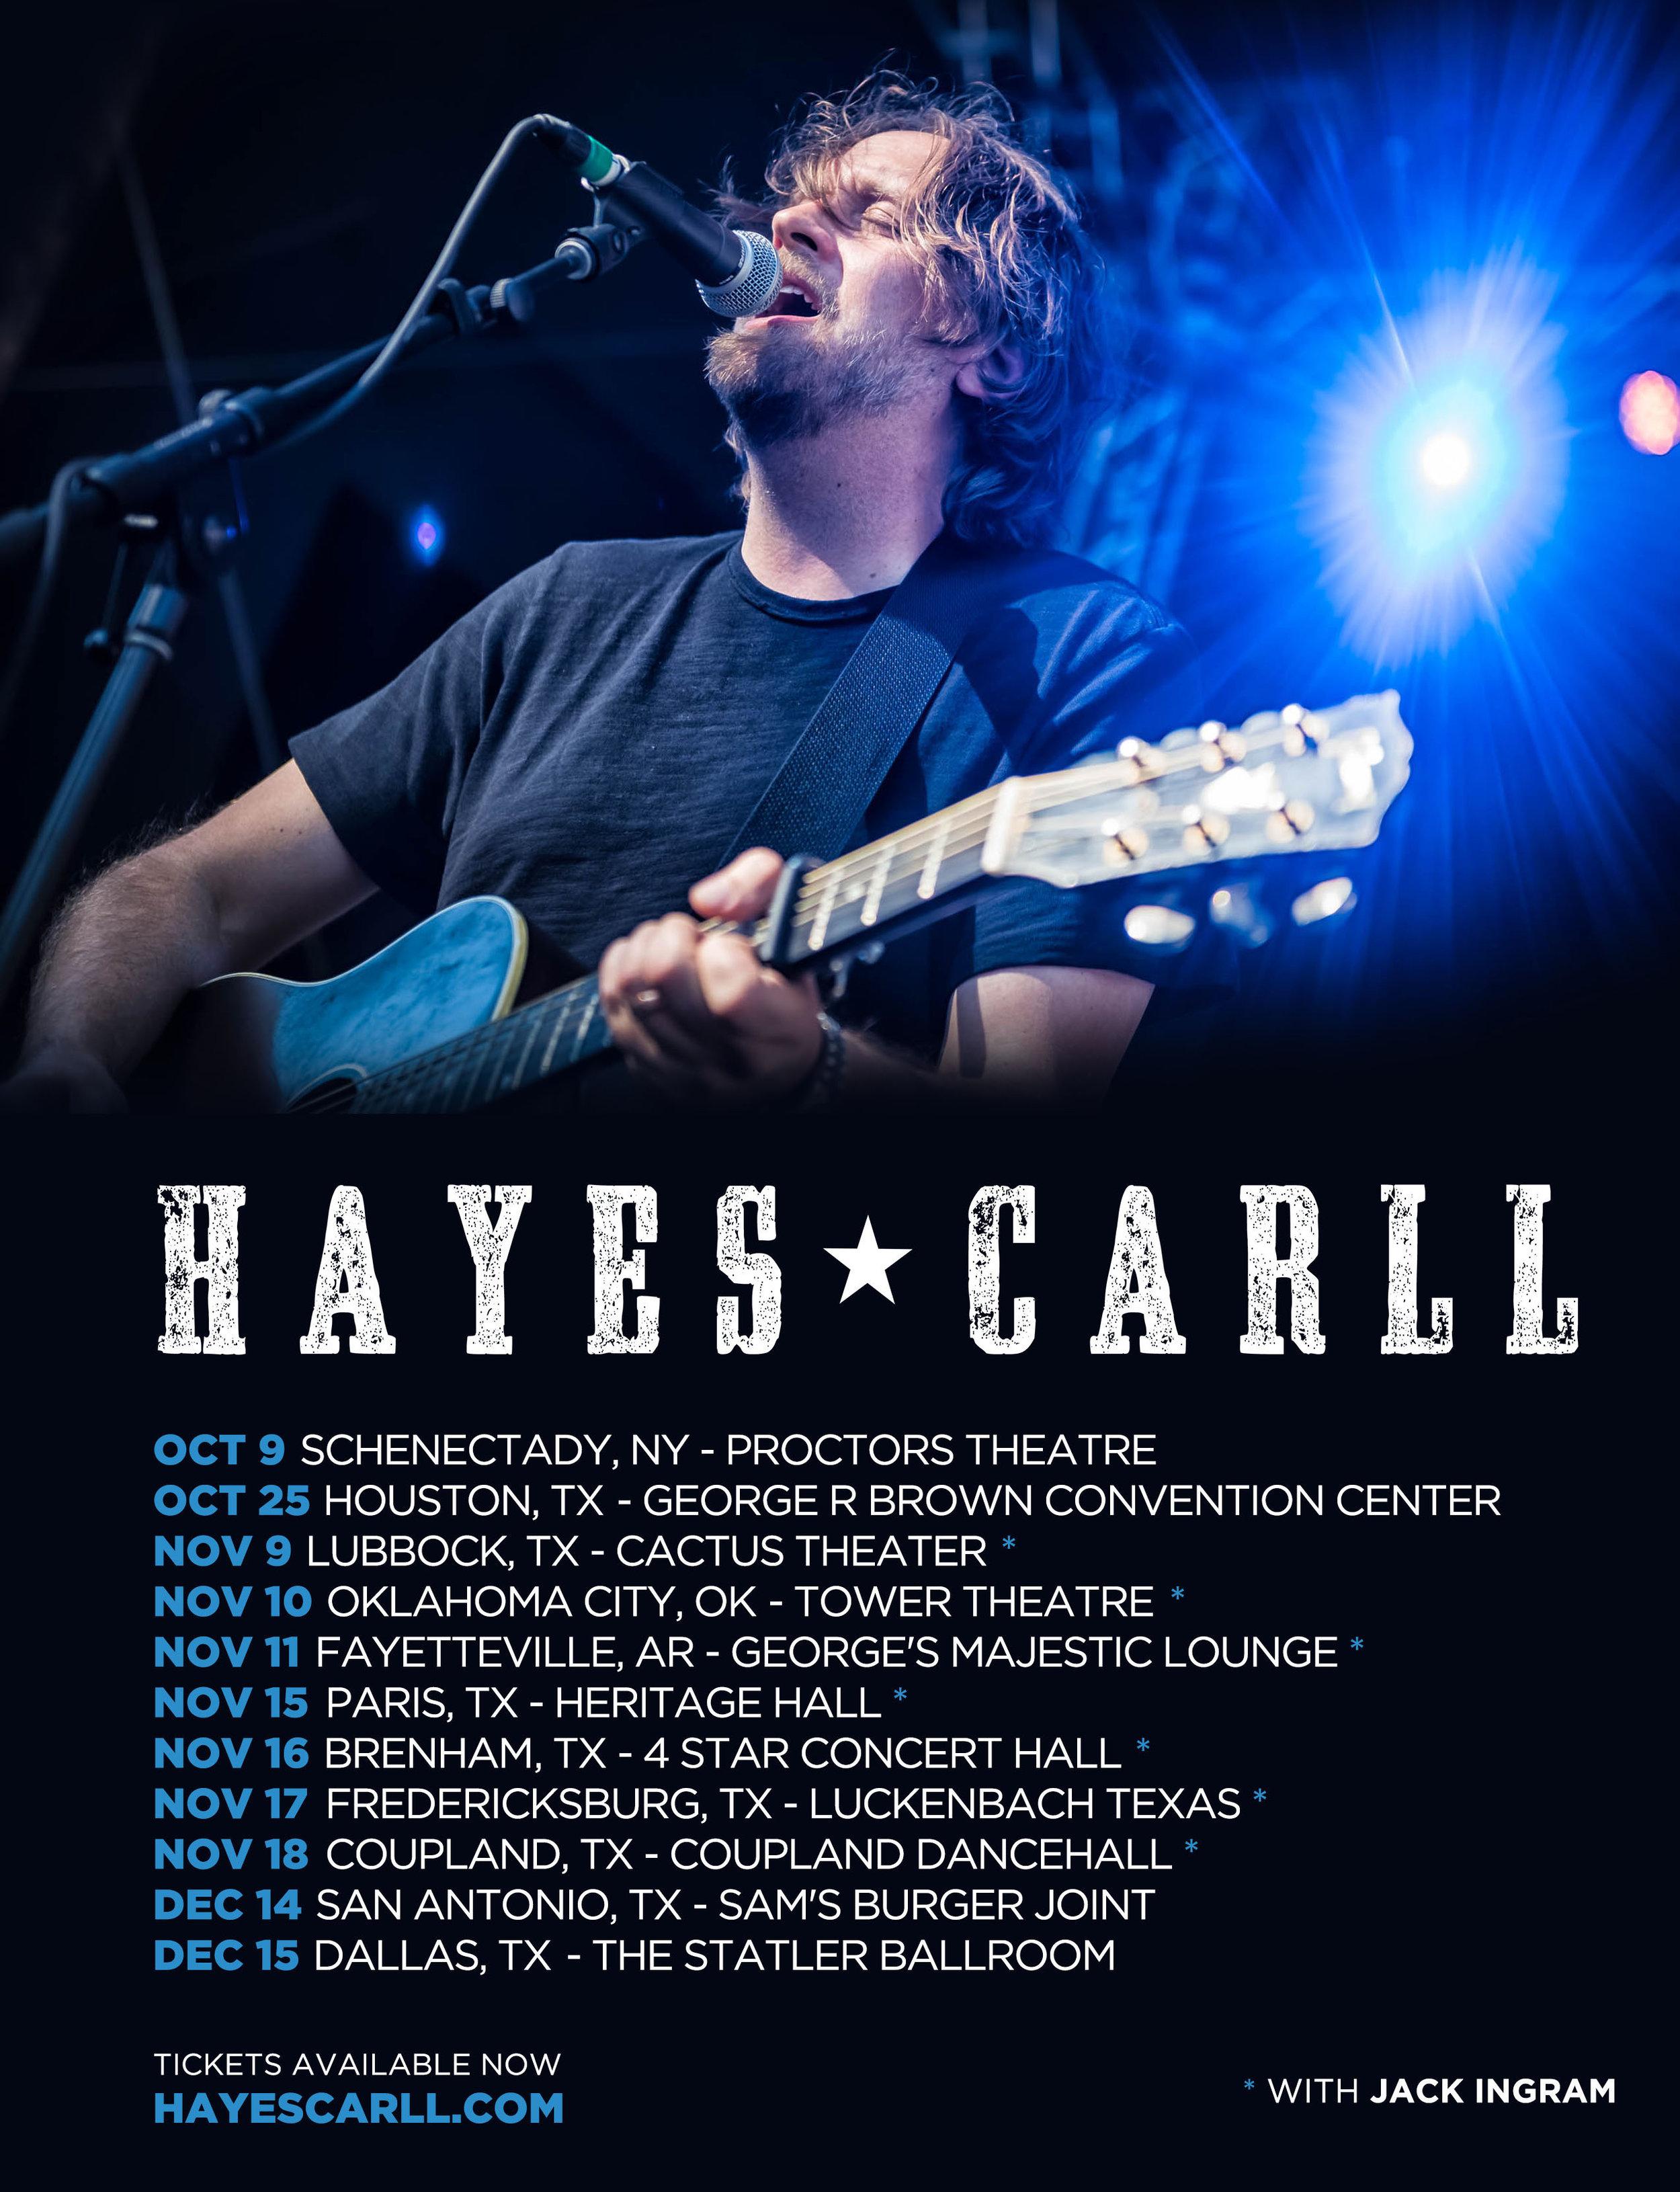 Hayes Carll 2018 Dates copy 2.jpg